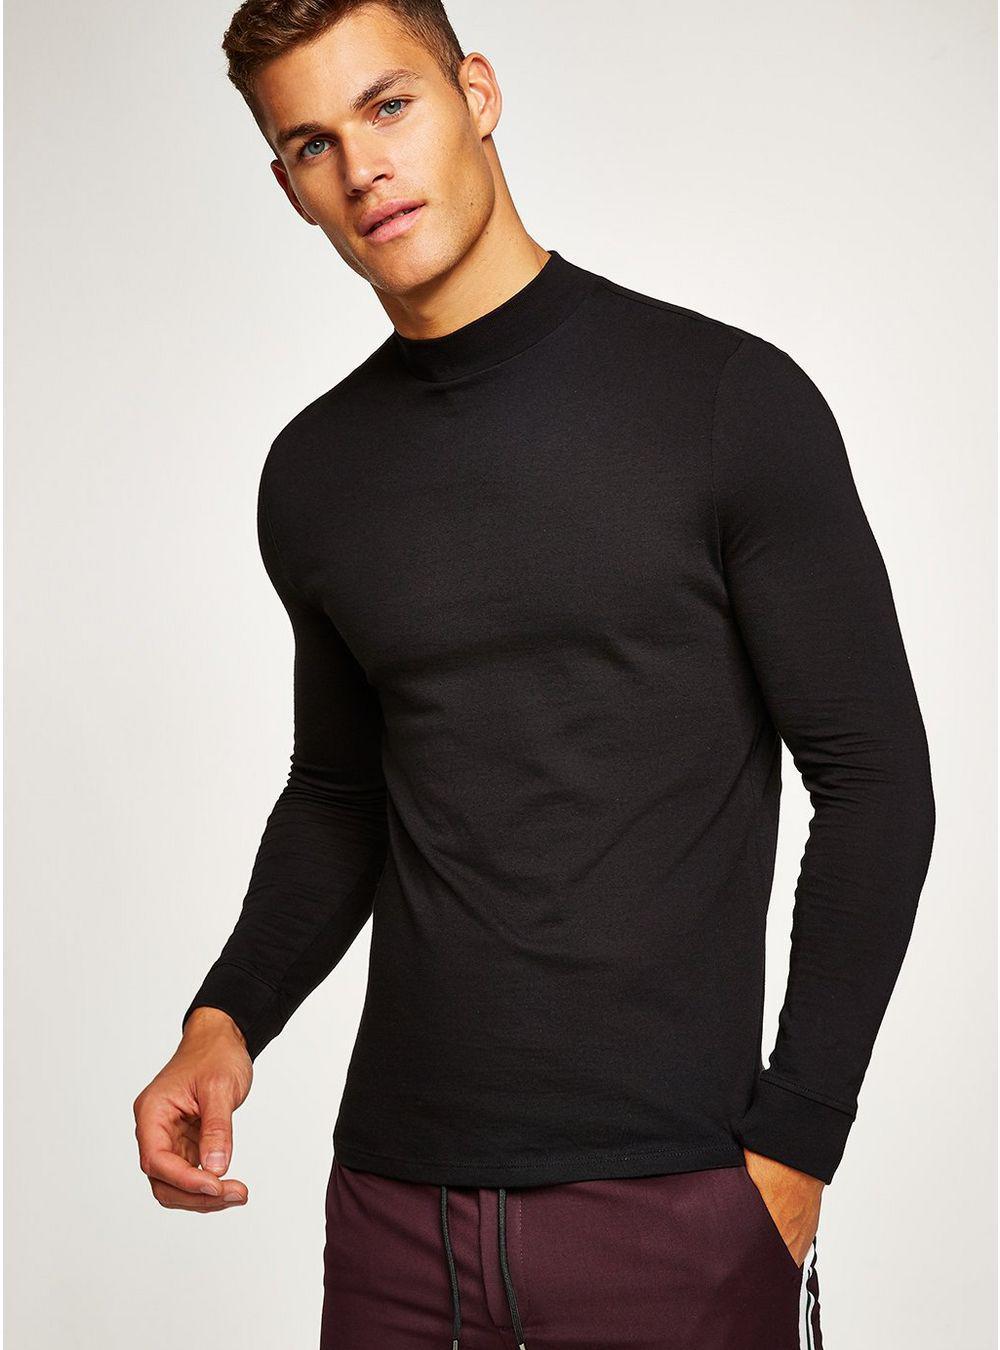 d463c97b9 TOPMAN Black Skinny Roll Neck T-shirt in Black for Men - Lyst